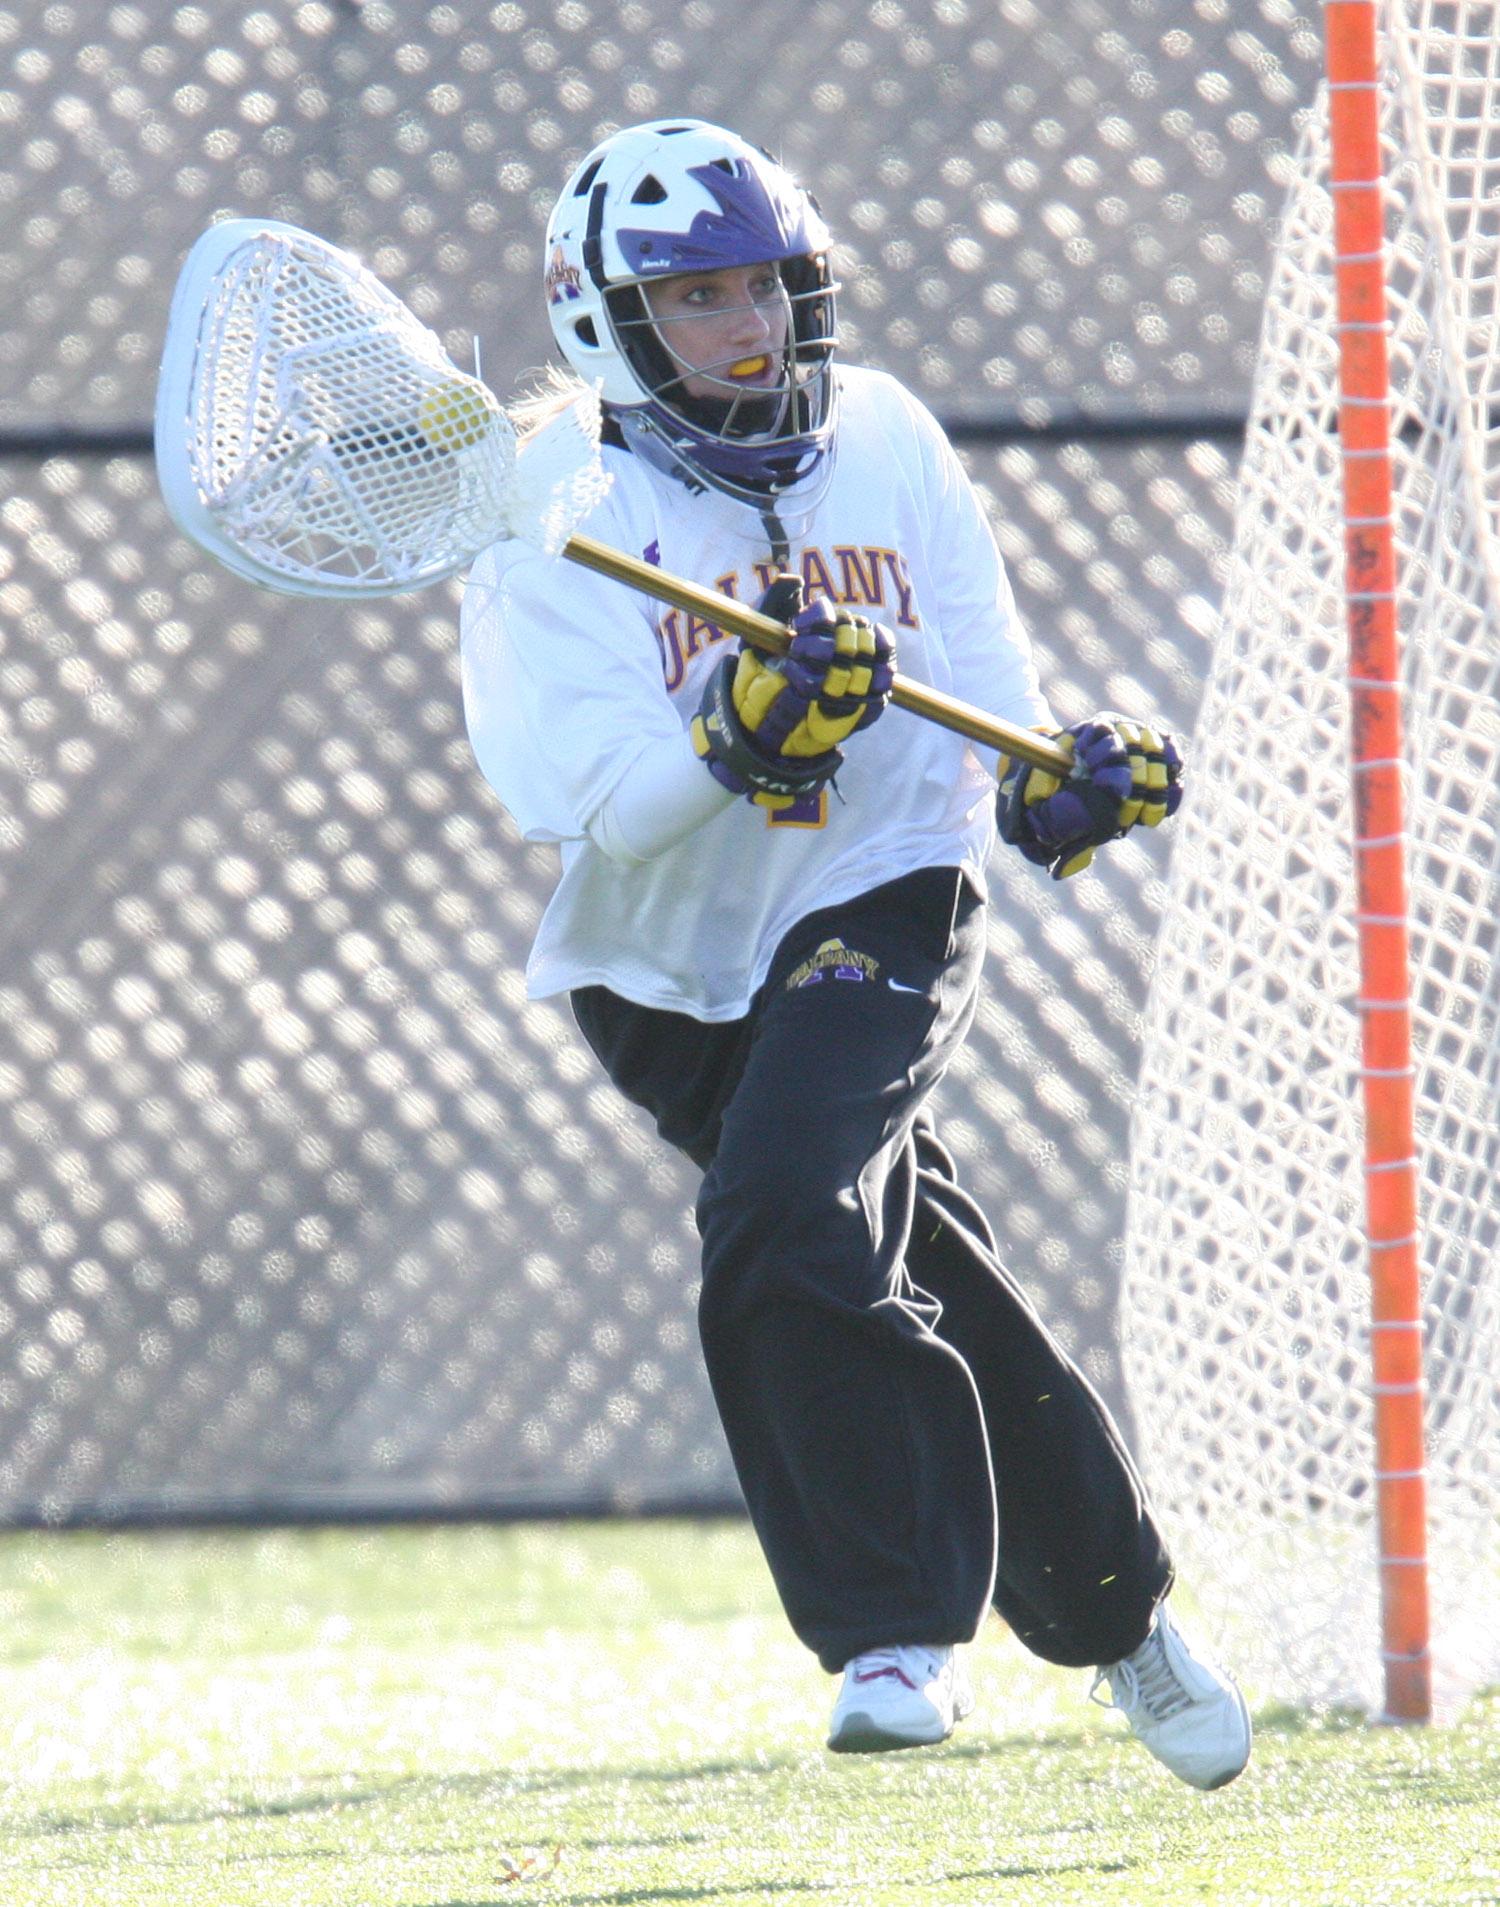 Women's lacrosse player Katie Neer